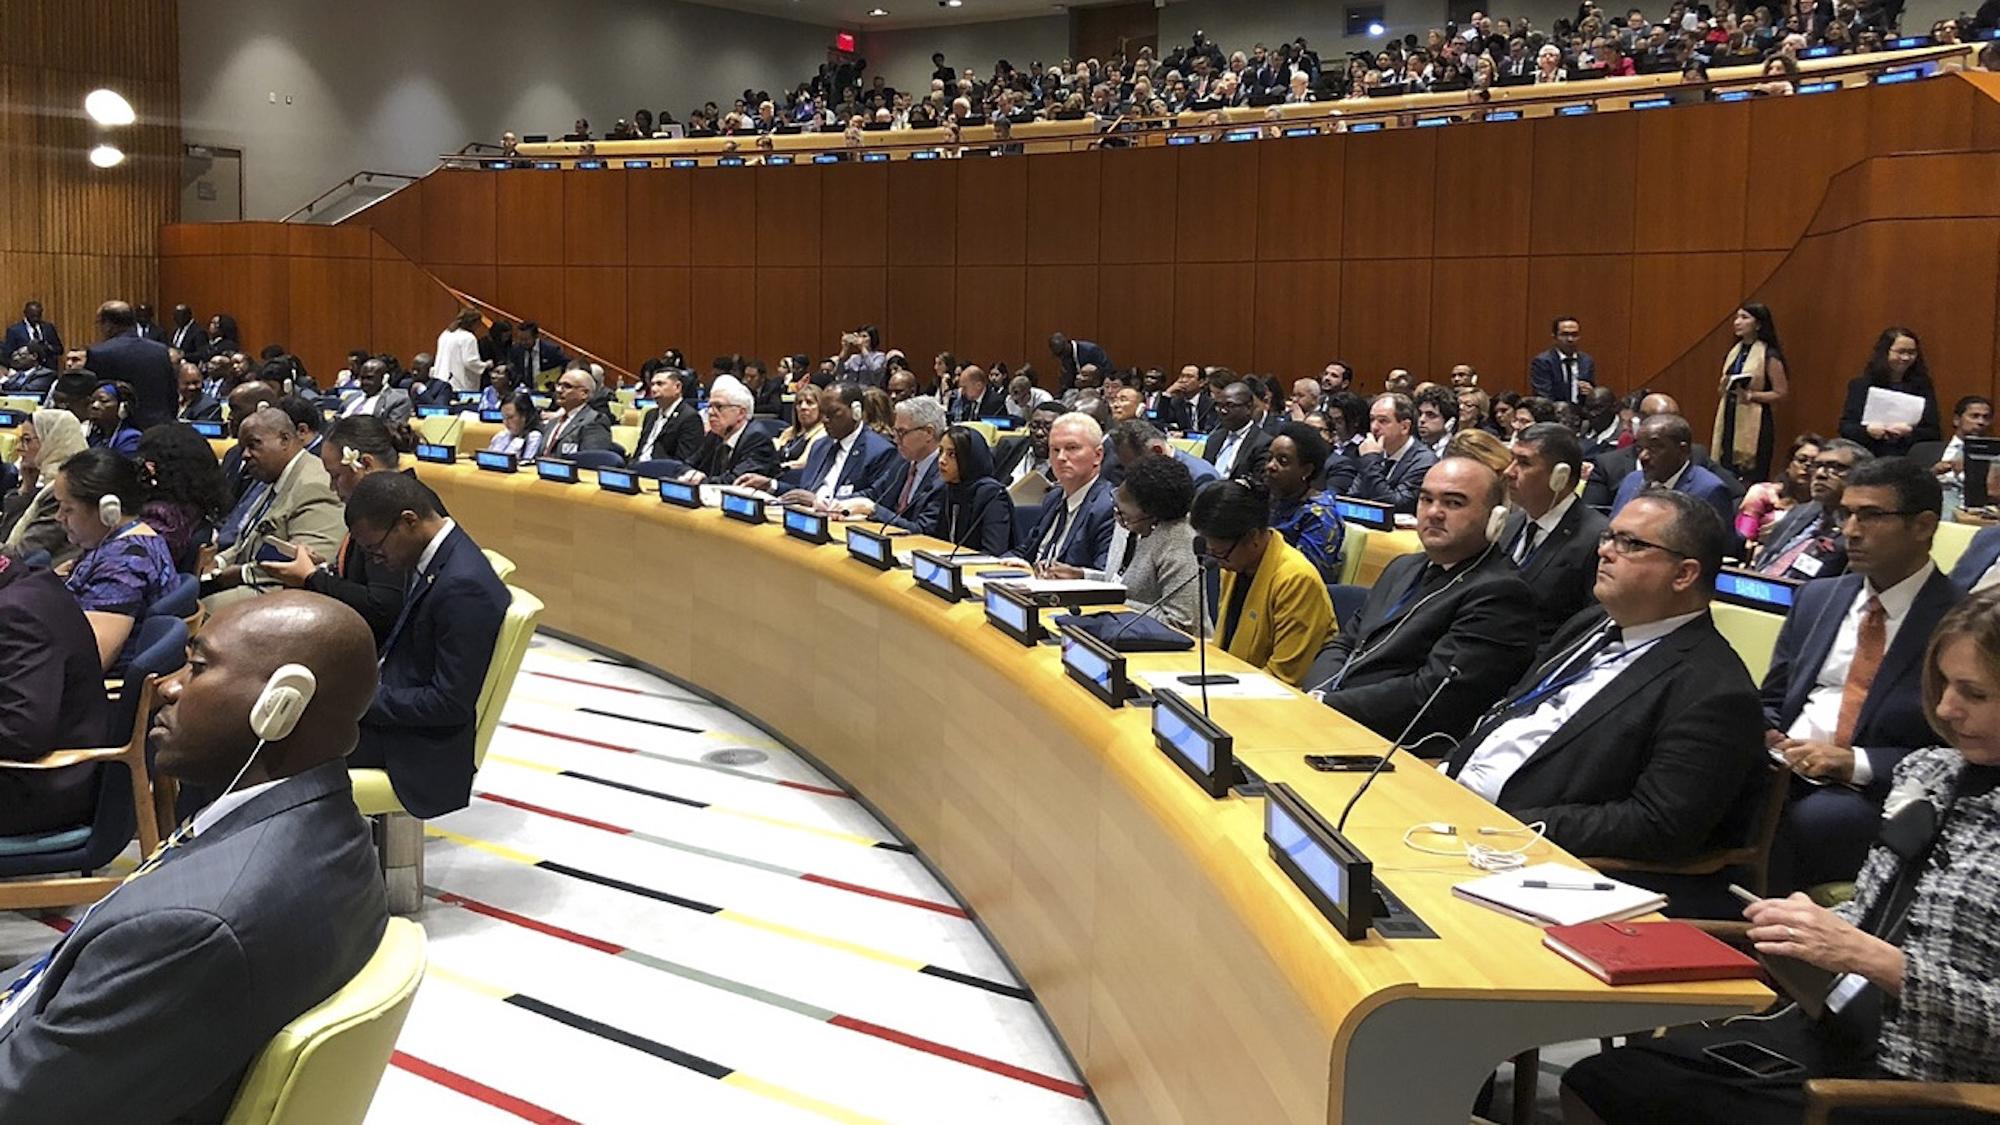 Ministro del Poder Popular para la Salud, Carlos Alvarado participa en la reunión de alto nivel sobre Cobertura Sanitaria Universal, en el marco del 74° Periodo de Sesiones de la Asamblea General de la ONU